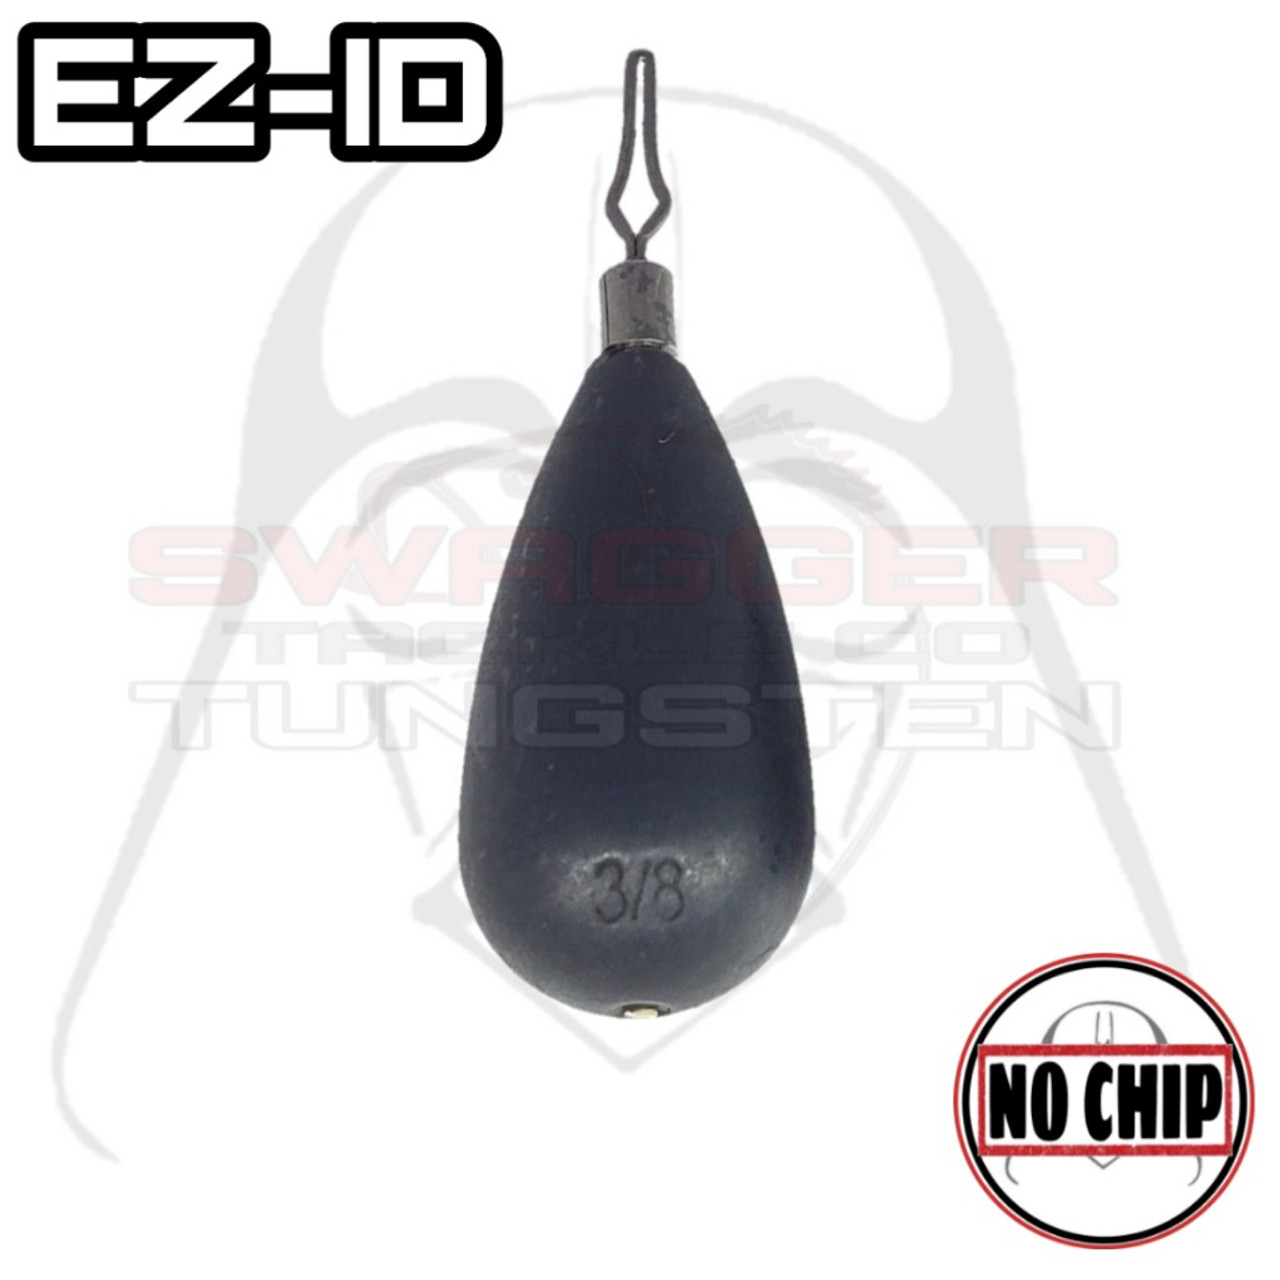 Vader Series - NO CHIP Drop Shot Weights